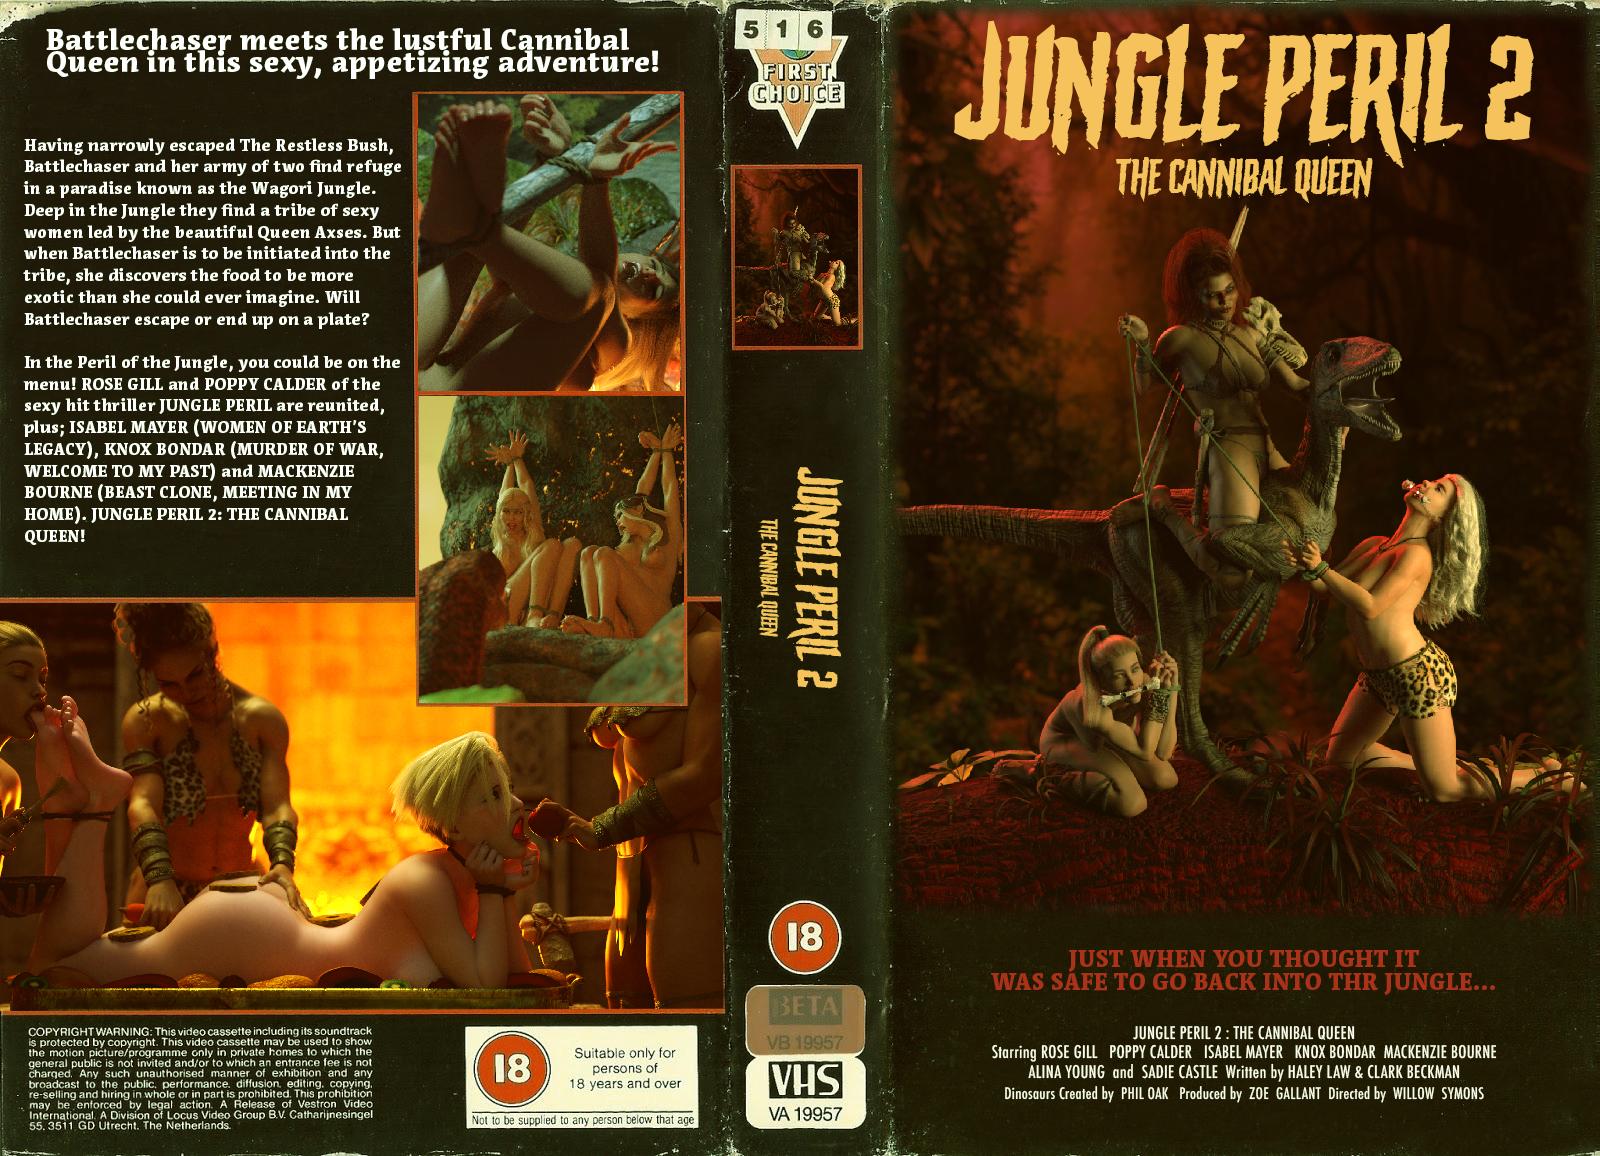 JUNGLEPERIL2_VHS.jpg